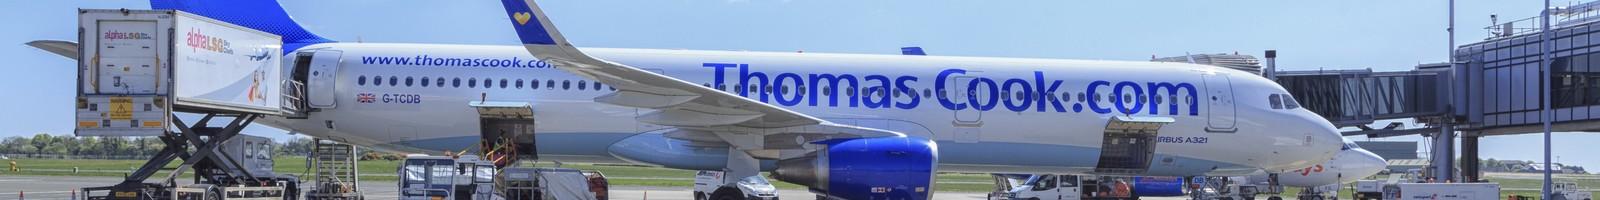 Thomas Cook : une faillite qui témoigne de la fragilité du secteur touristique